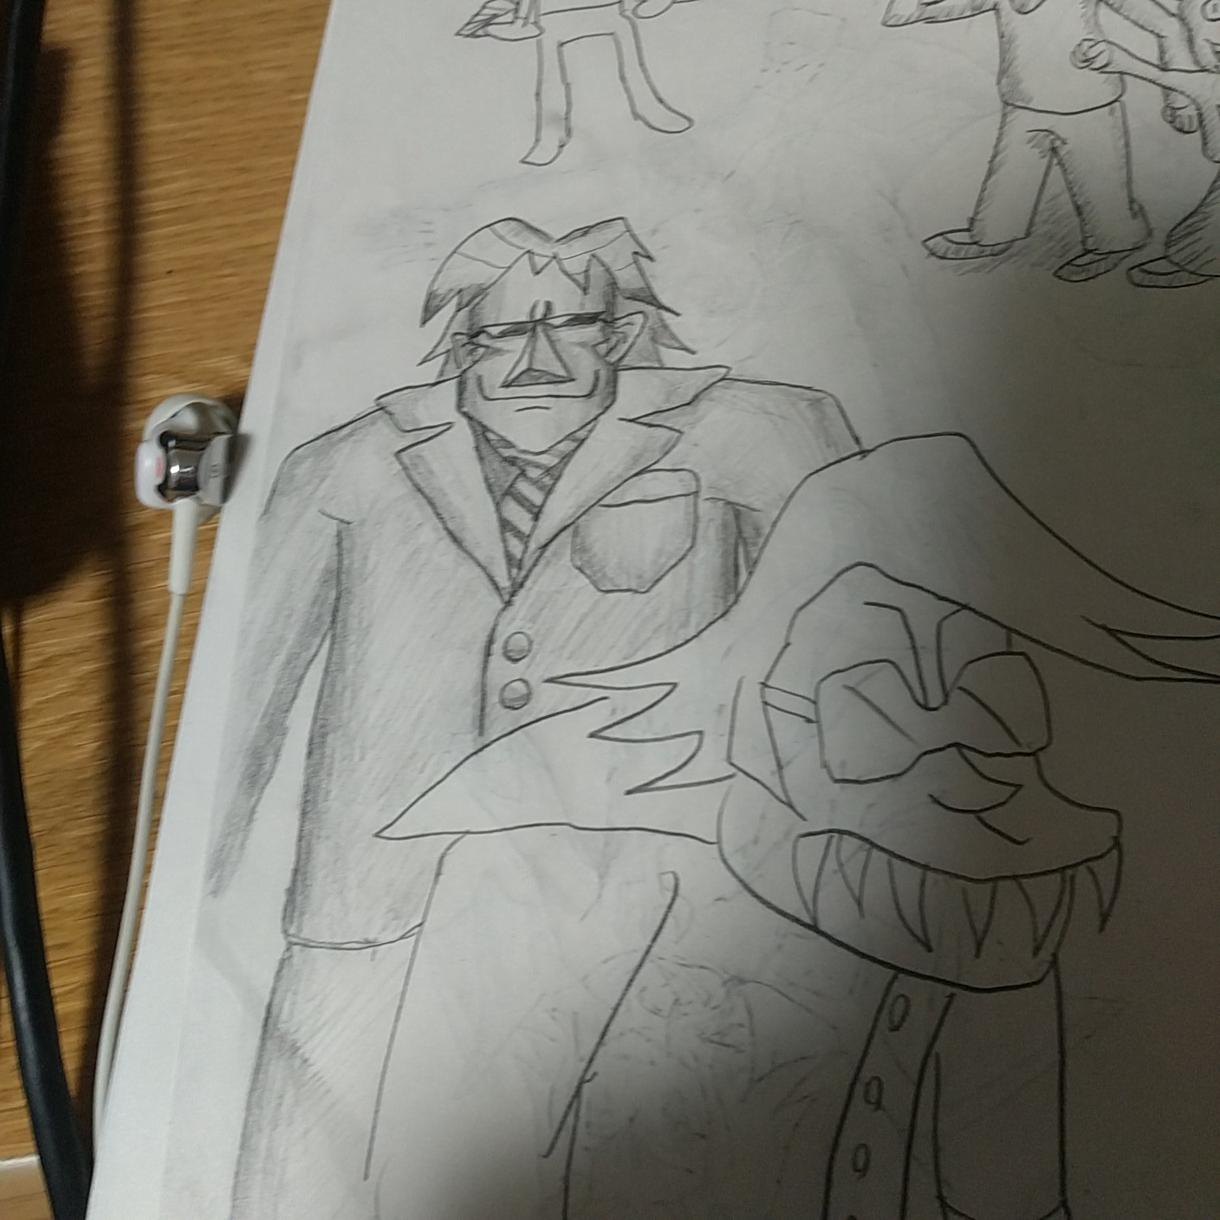 少し変わったイラストを描きます 変わった絵を必要としてる方にオススメです。